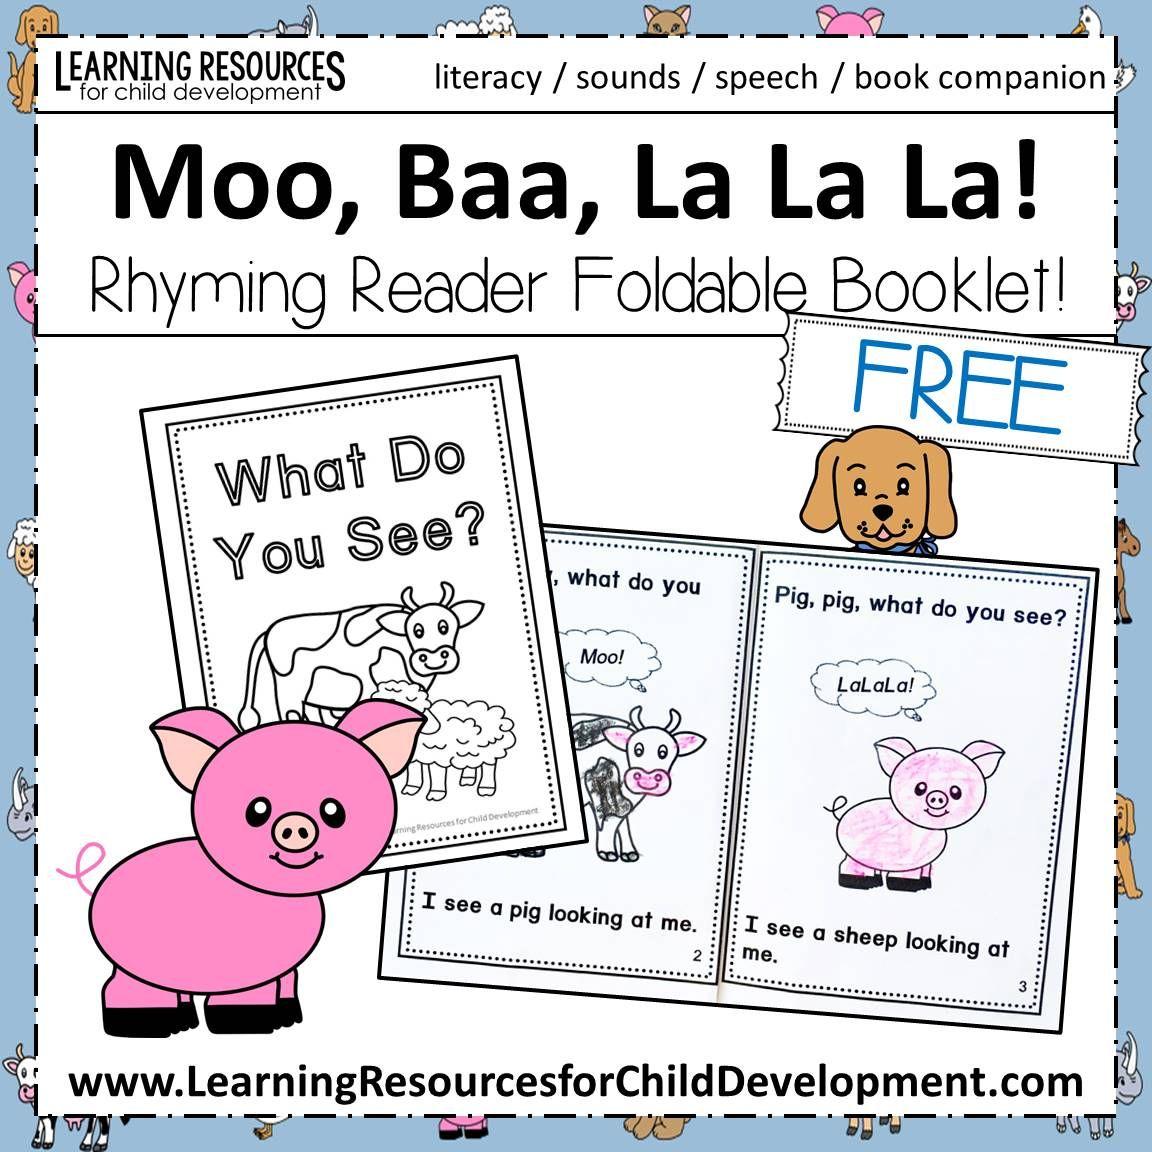 Moo Baa La La La Book Companion Rhyming Reader Booklet